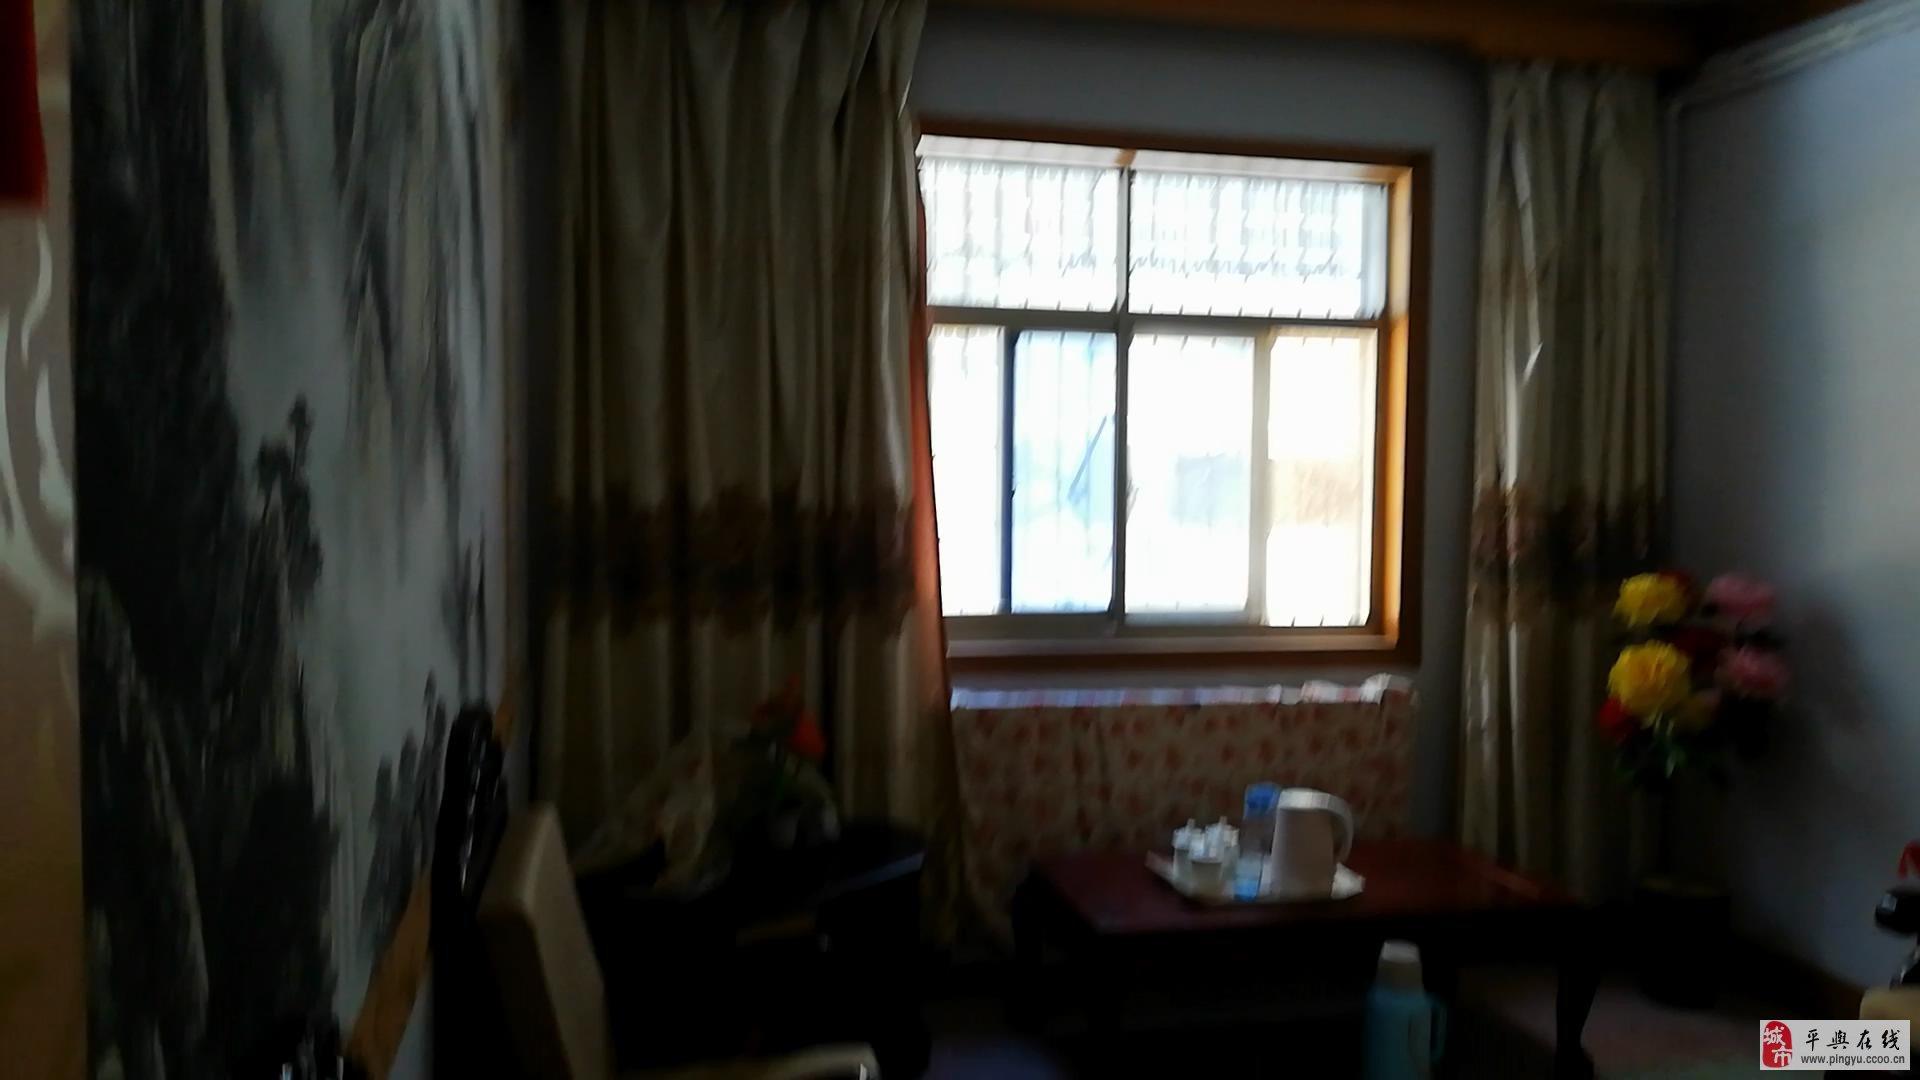 中心医院附近永盛花园3室1厅2卫带院